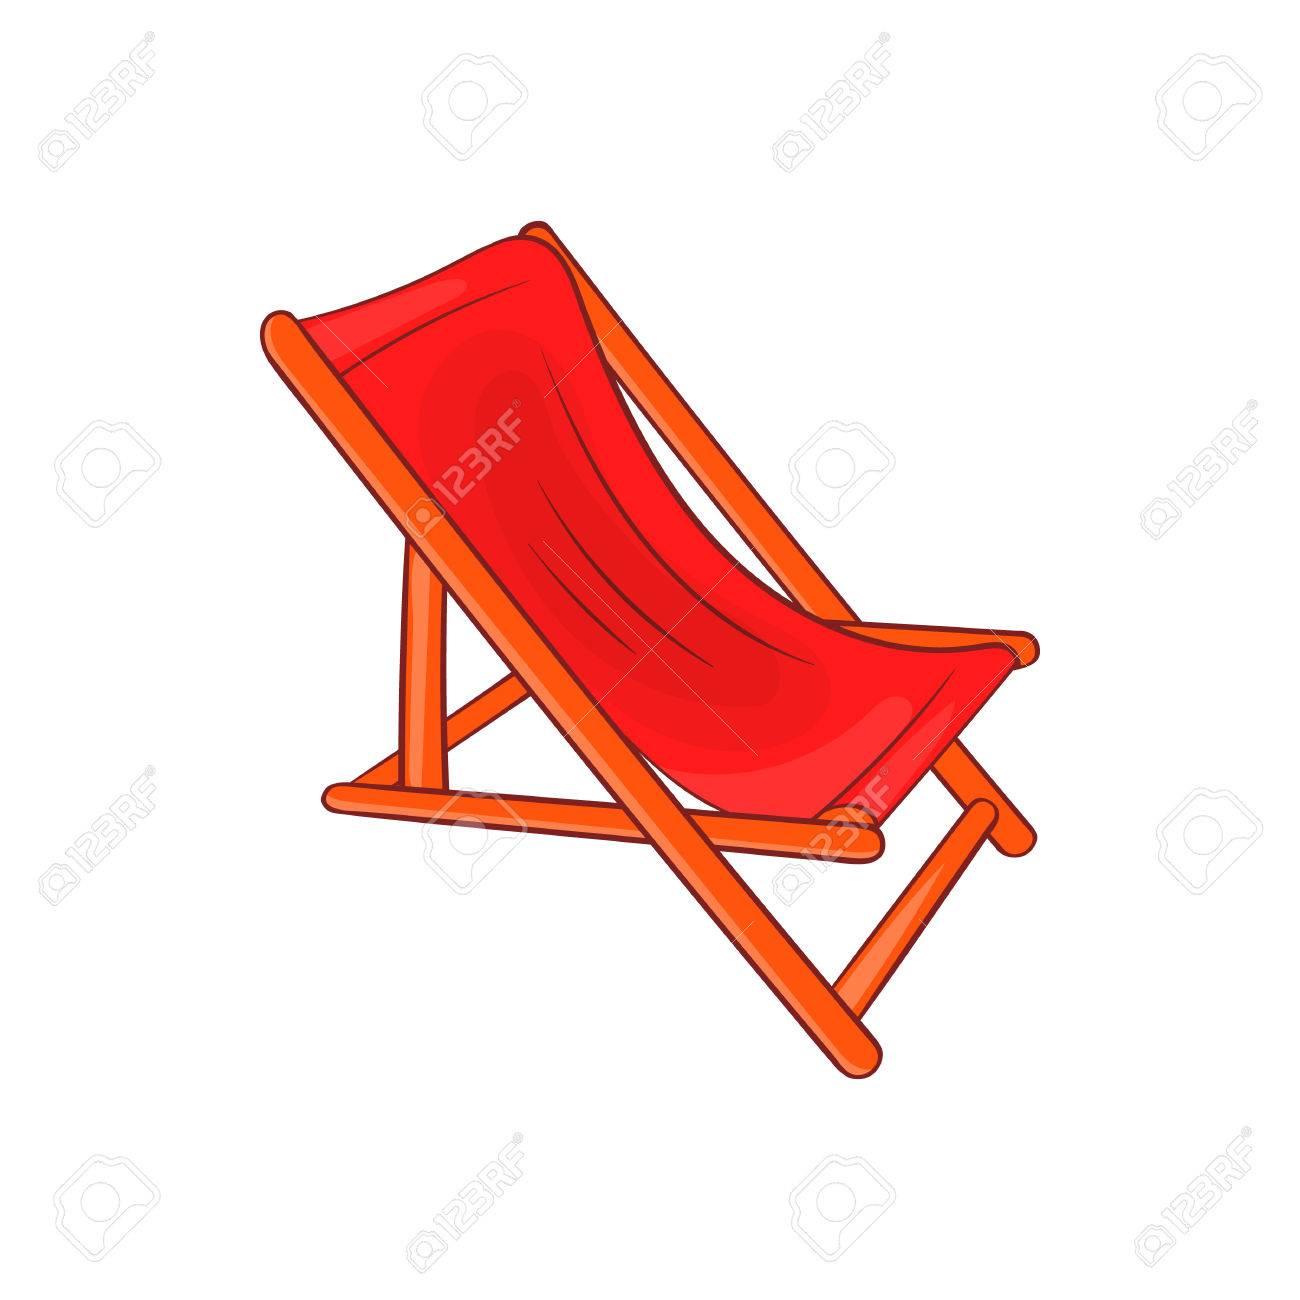 Icône Longue Style Détente En BlancSymbole De Chaise Cartoon Sur Isolé Fond wN0OX8nkZP